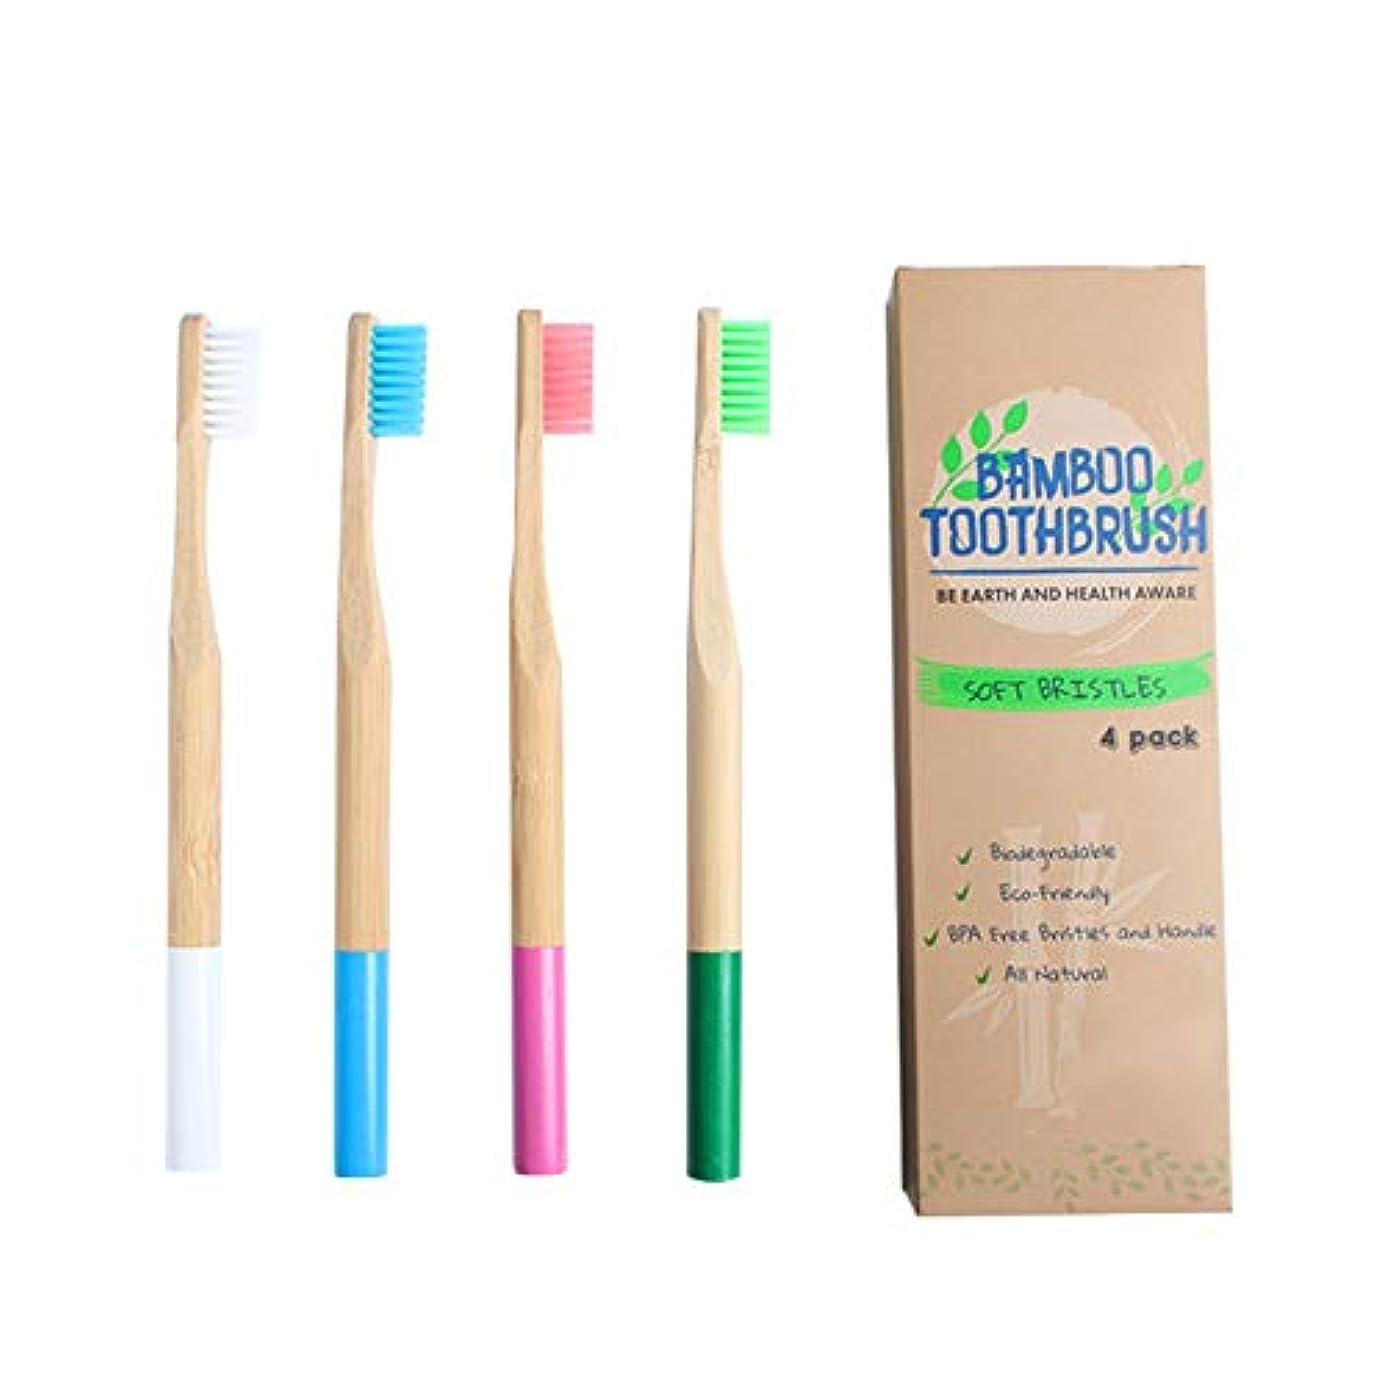 バケットロードされたホスト高品質竹歯ブラシ色い色4スティック自然環境柔らかい毛皮 ラウンド木製ハンドルペイント手動歯ブラシ